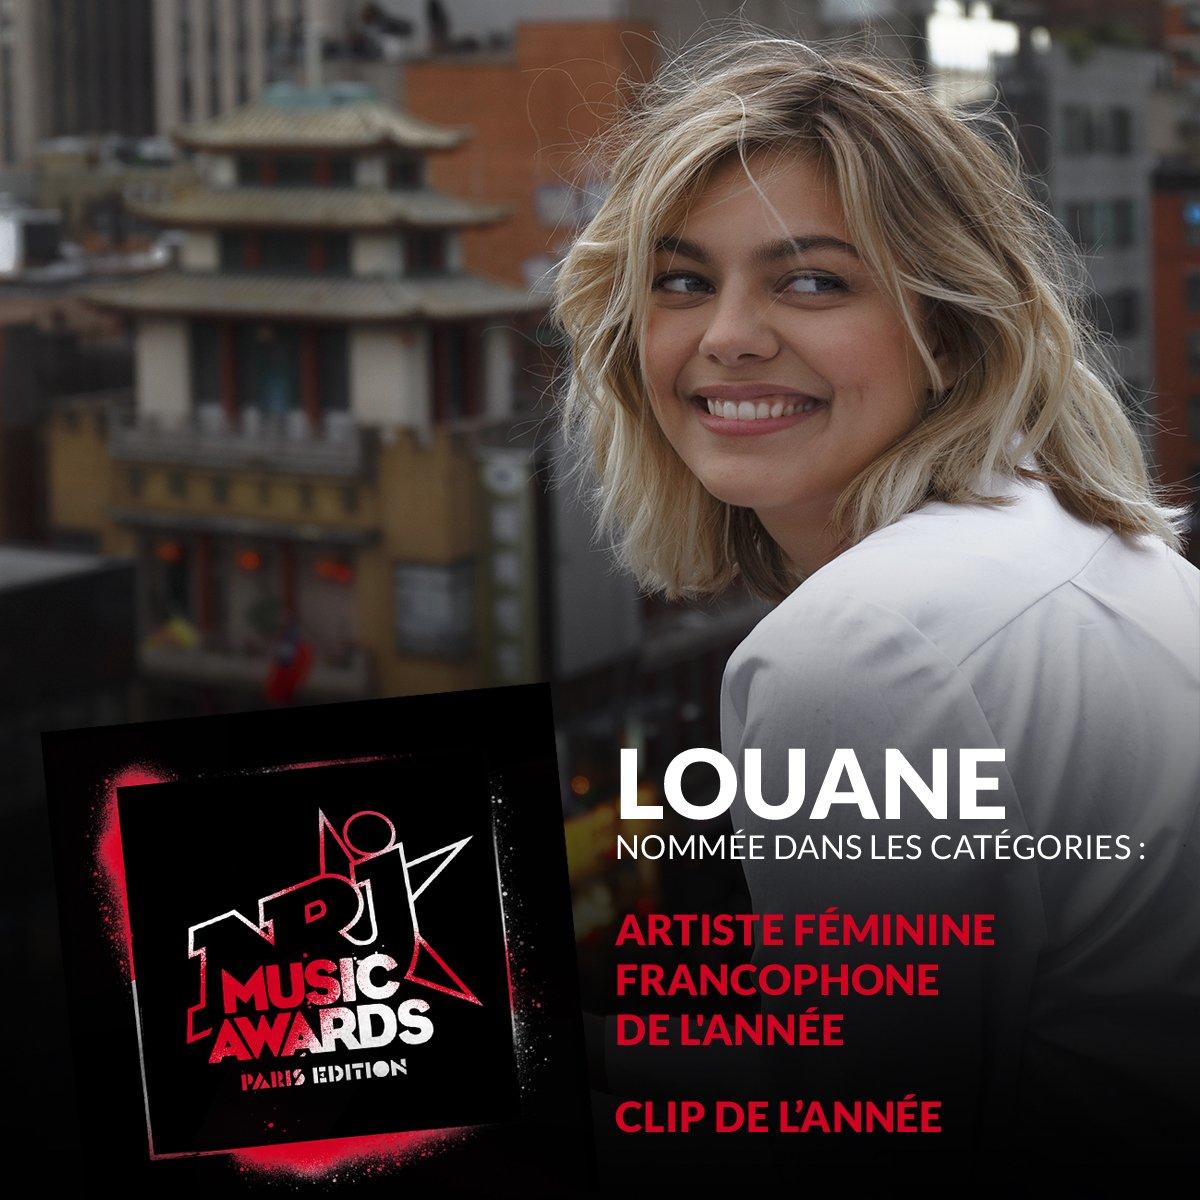 Votez pour @louane aux #NMA2020 !   Artiste féminine francophone ➡️   Clip de l'année ➡️    🔴 N'oubliez pas la personne qui like RT ou commente le plus cette publication chaque jour remportera peut-être un magnifique cadeau 🎁